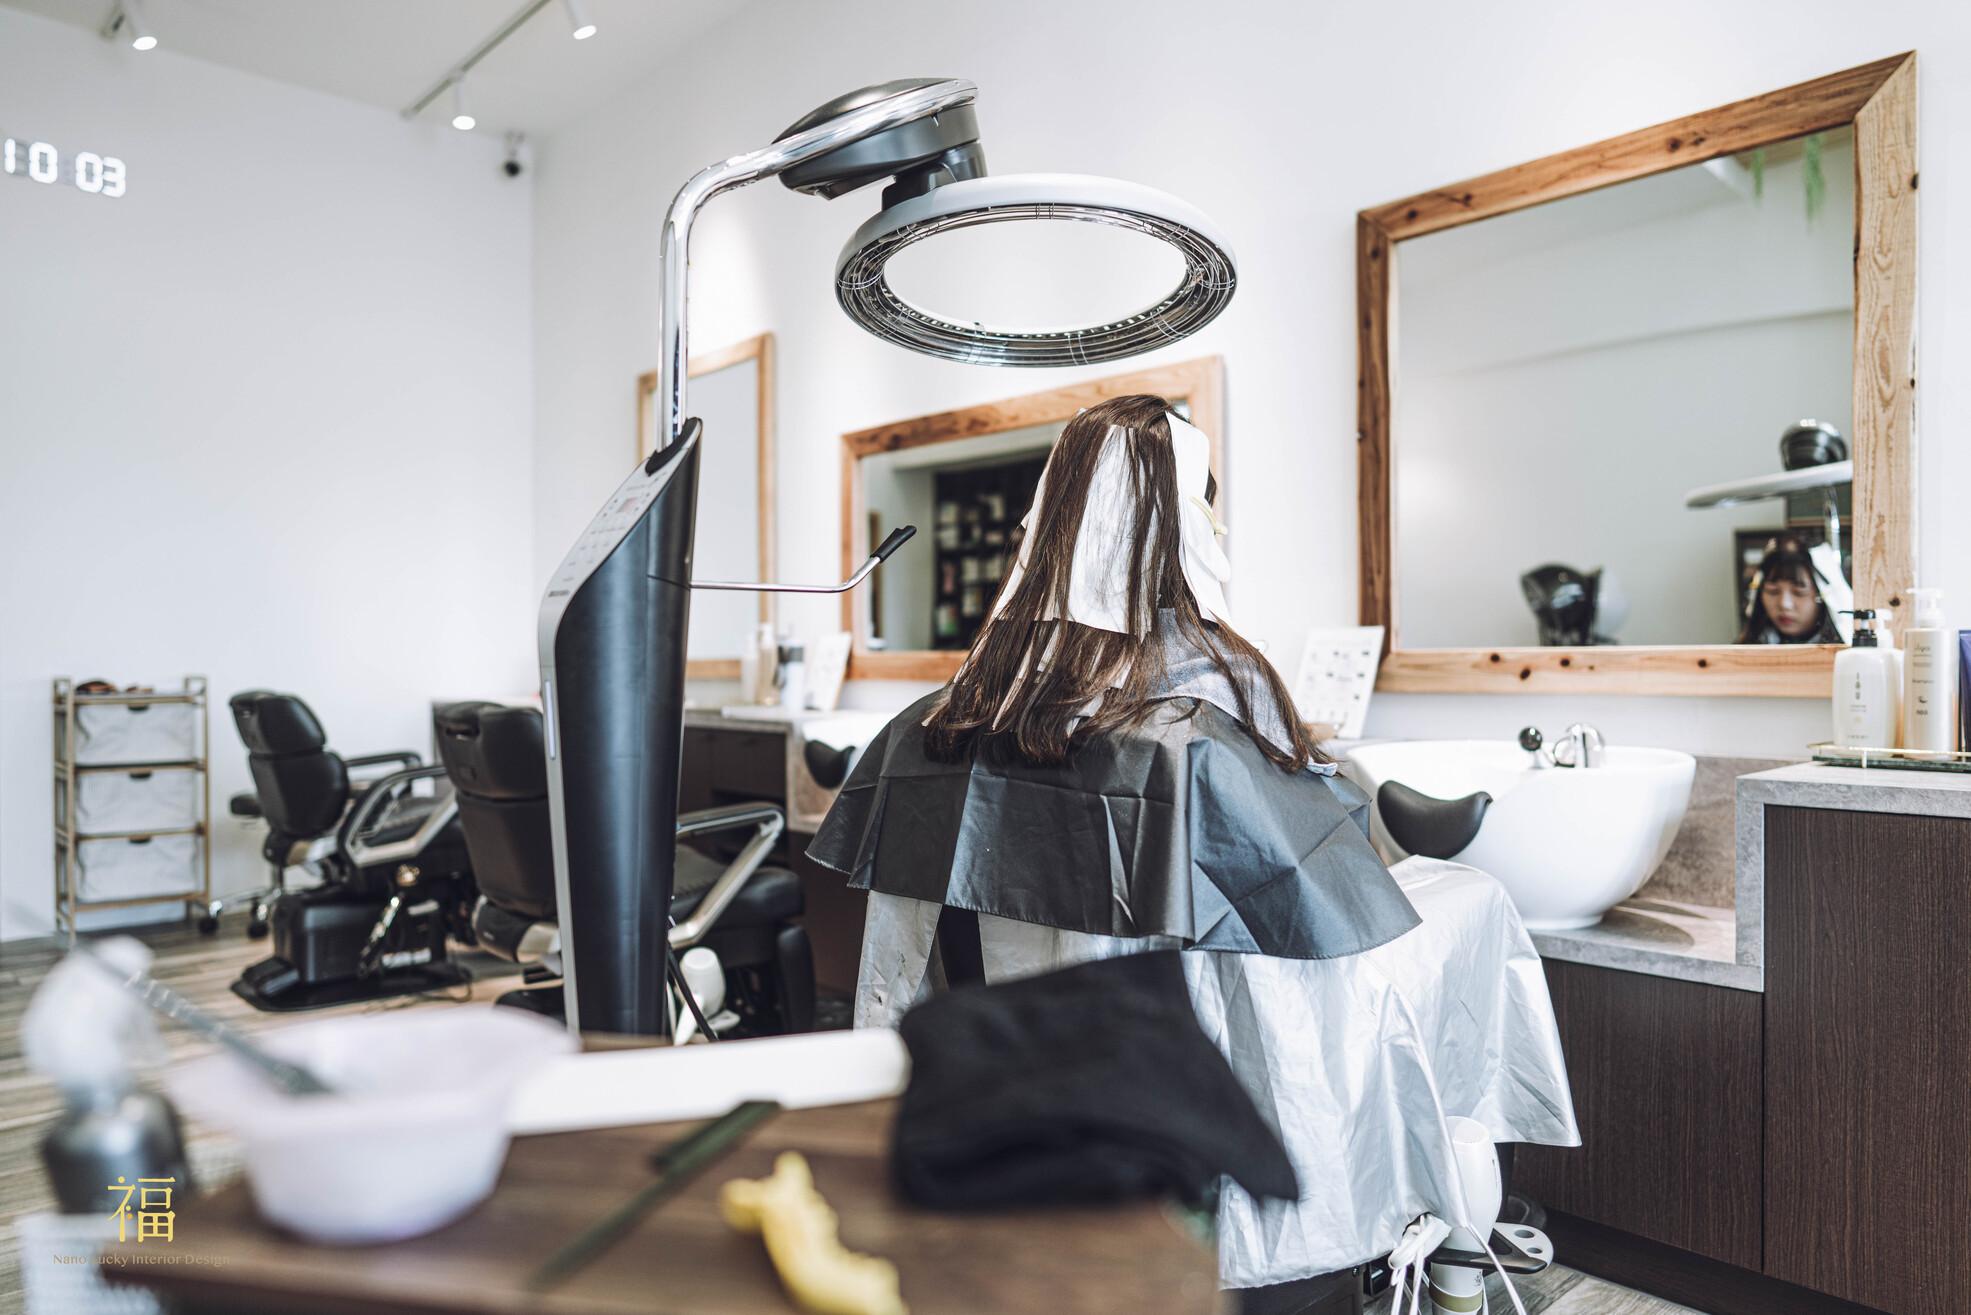 10嘉義太保日系髮廊lislushairsalonstory-純正日式手藝美髮沙龍4|小福砌商業美髮沙龍空間設計